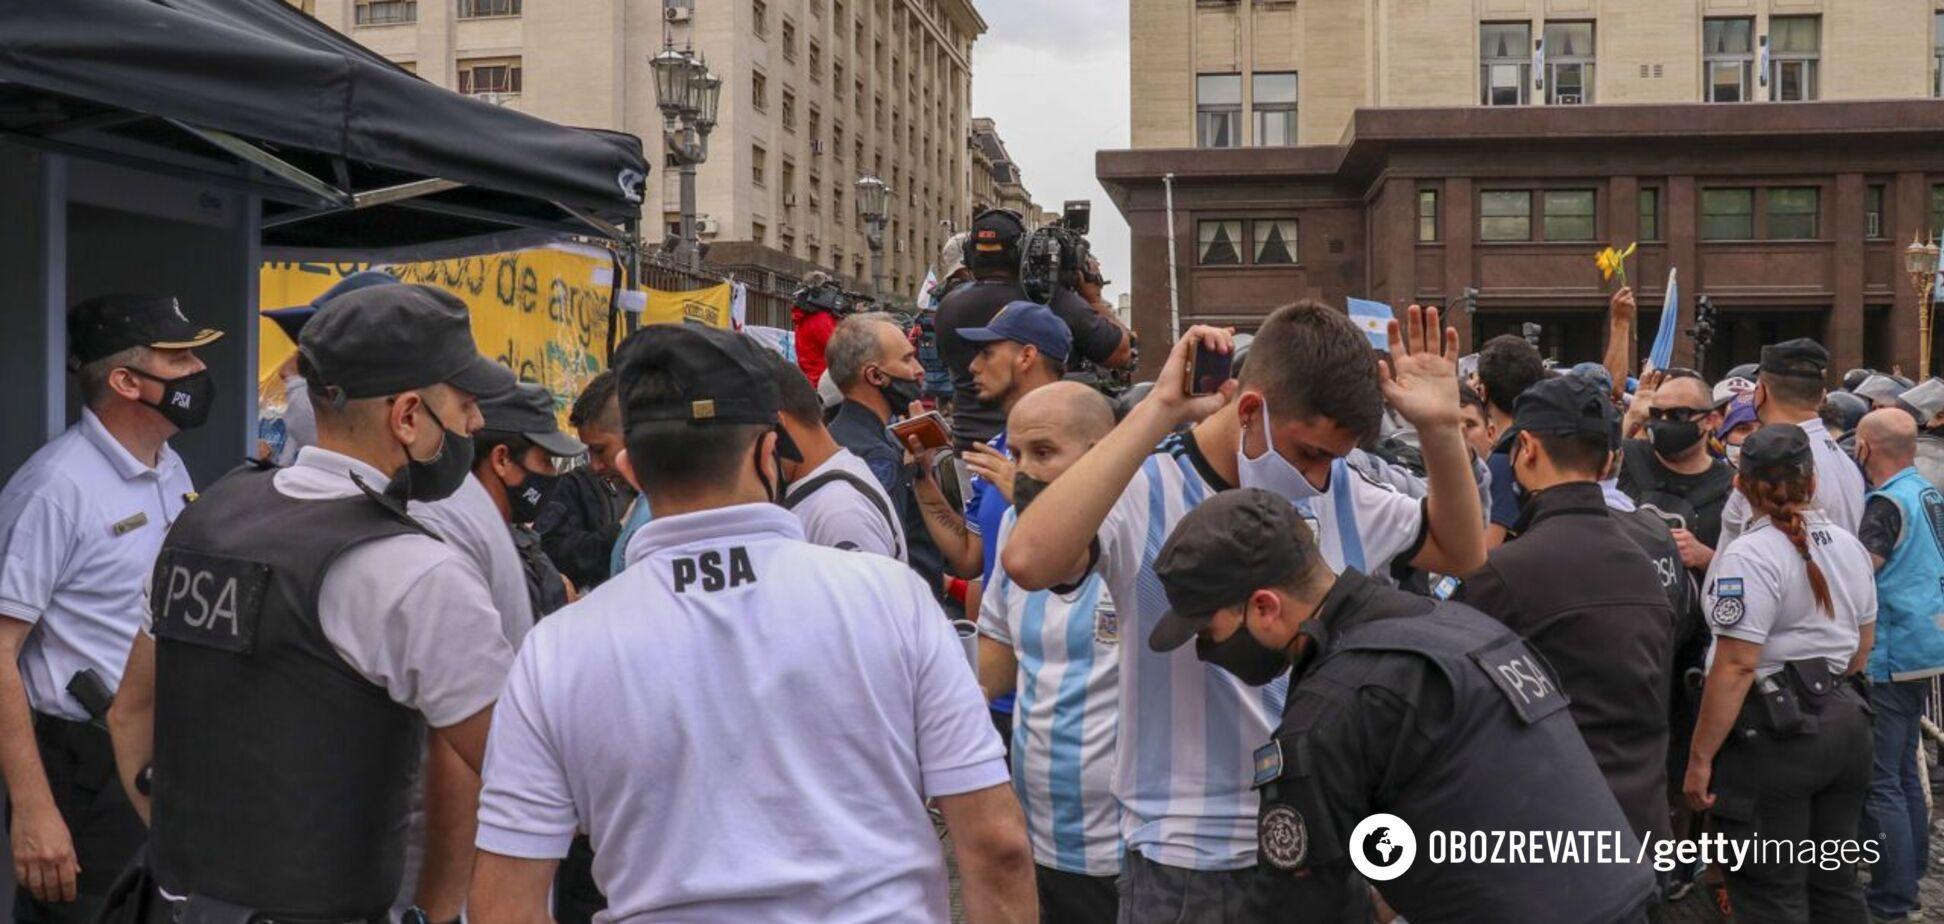 Одного из поклонников Марадоны обыскивают перед входом в президентский дворец